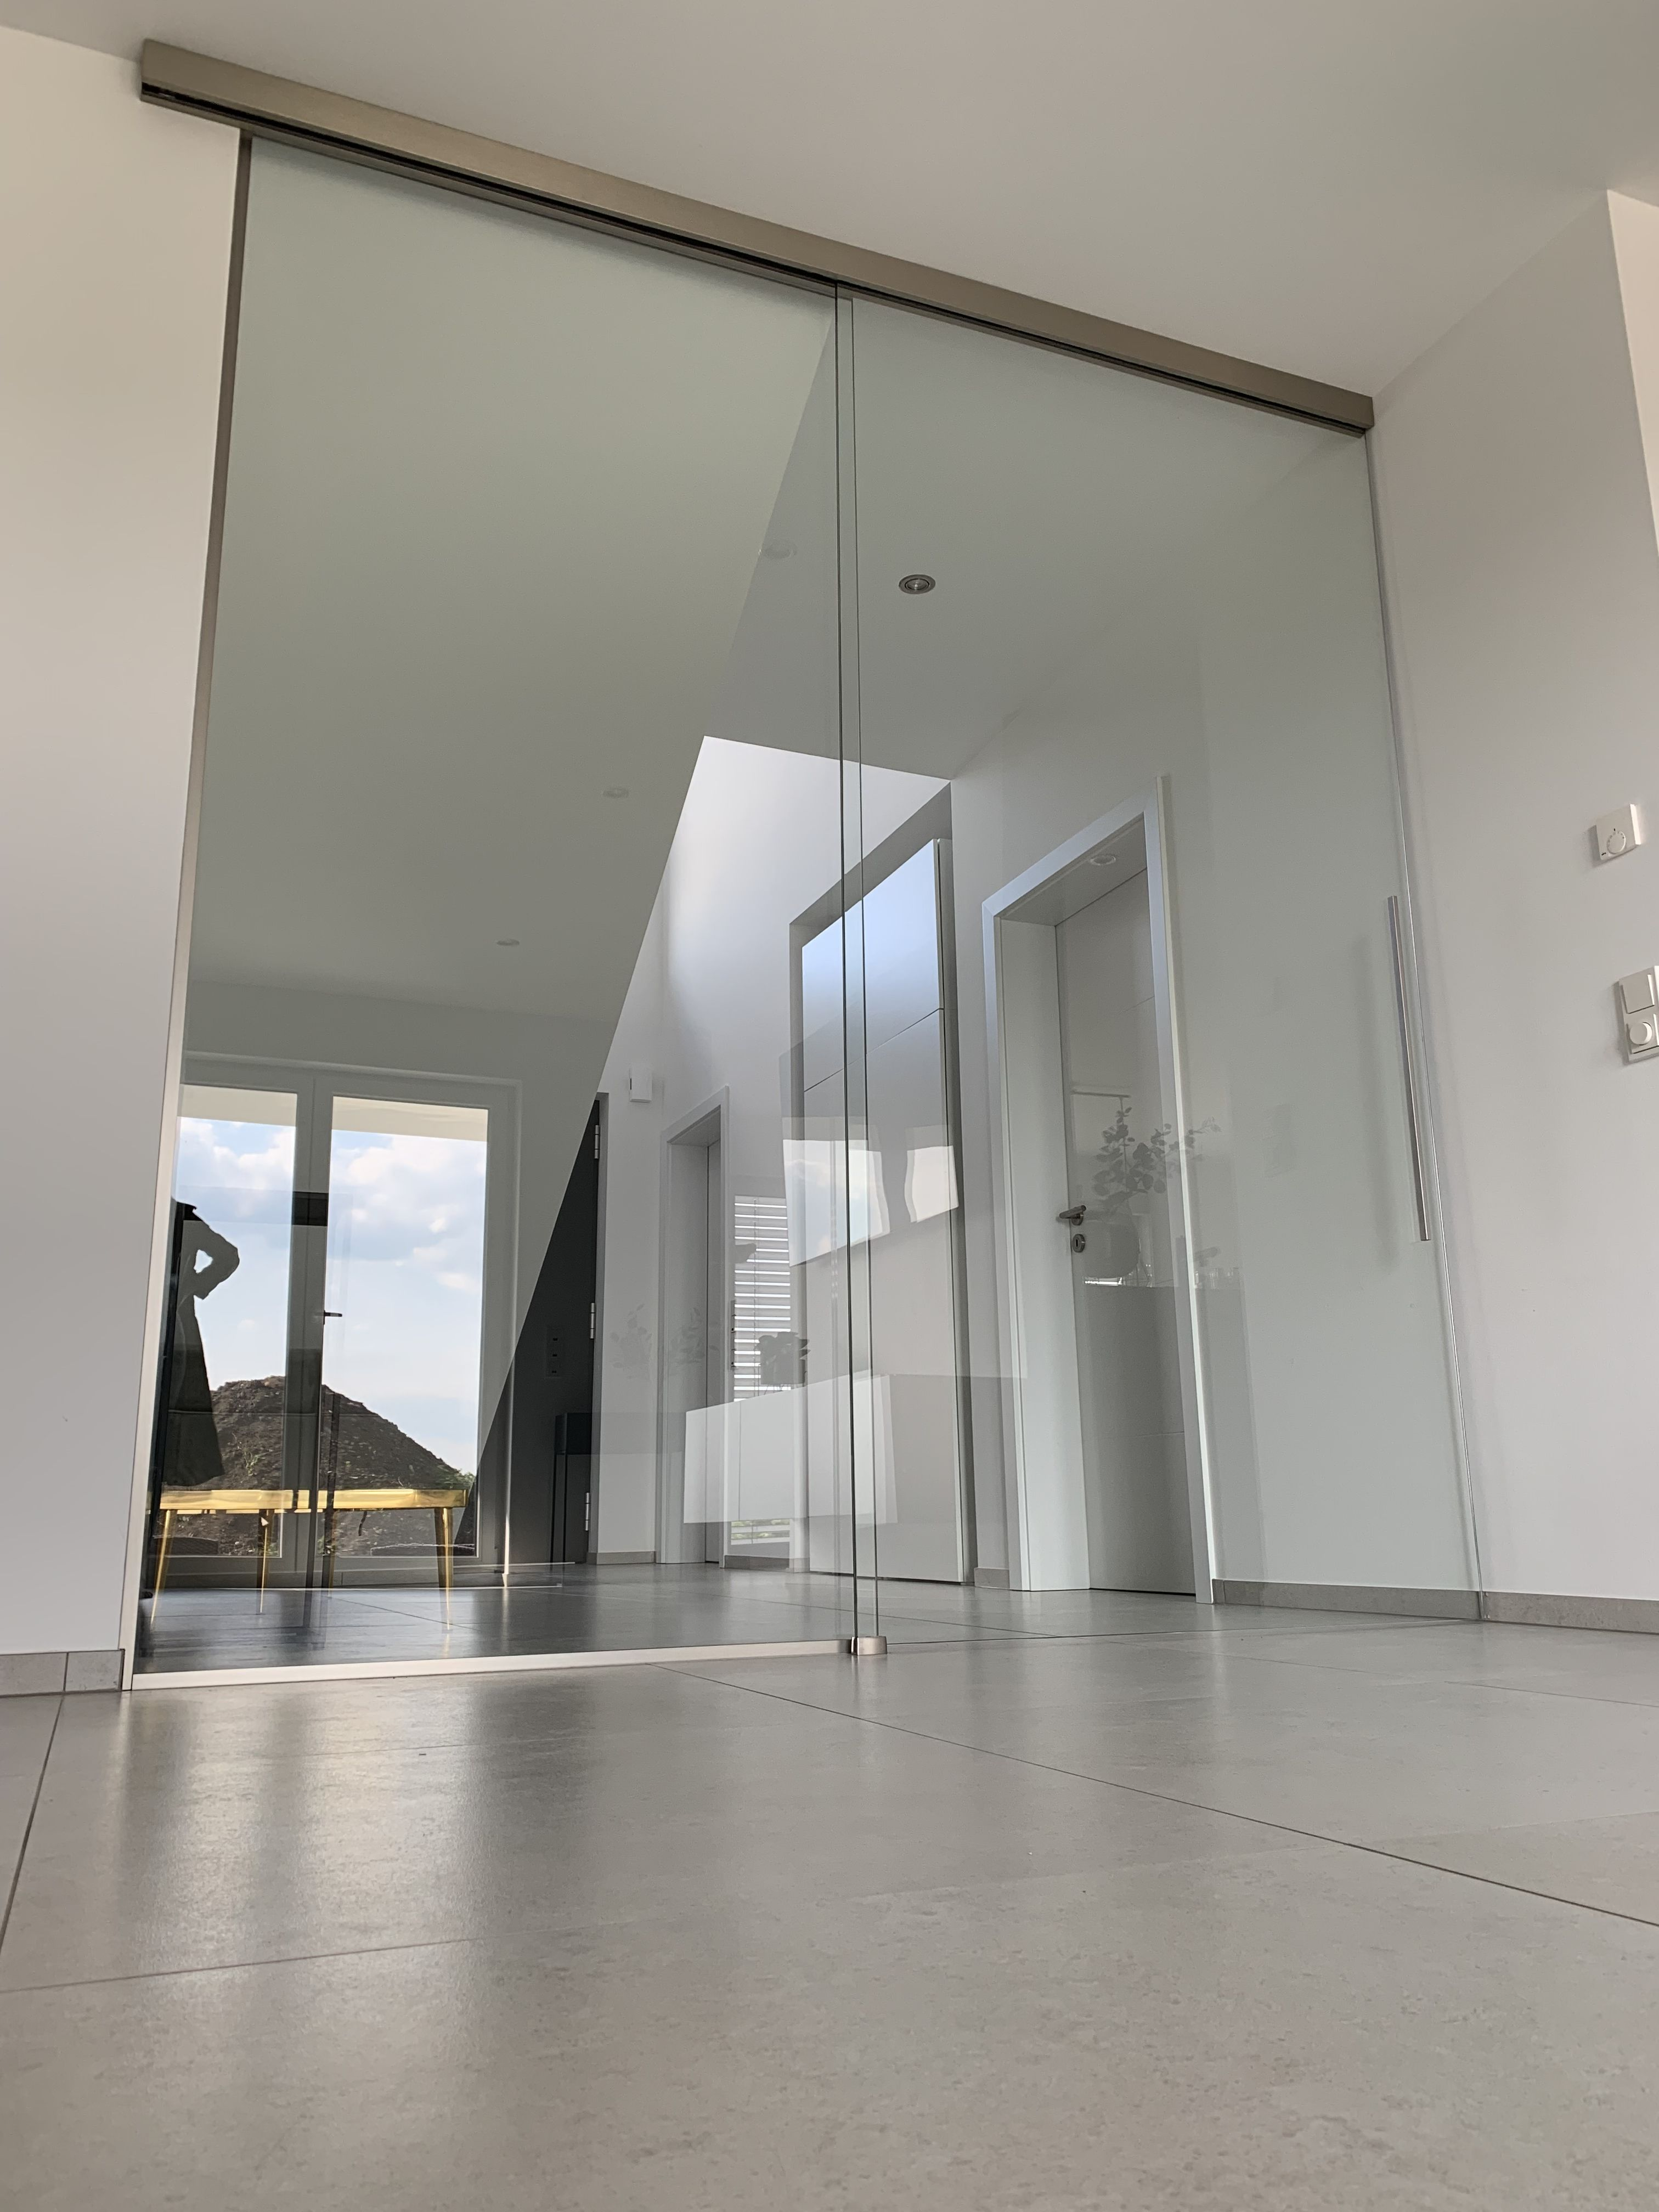 Glasschiebetur Seitenteil Mit Vitris Beschlag In Edelststahloptik Glasschiebetur Schiebetur Glas Glastur Wohnzimmer